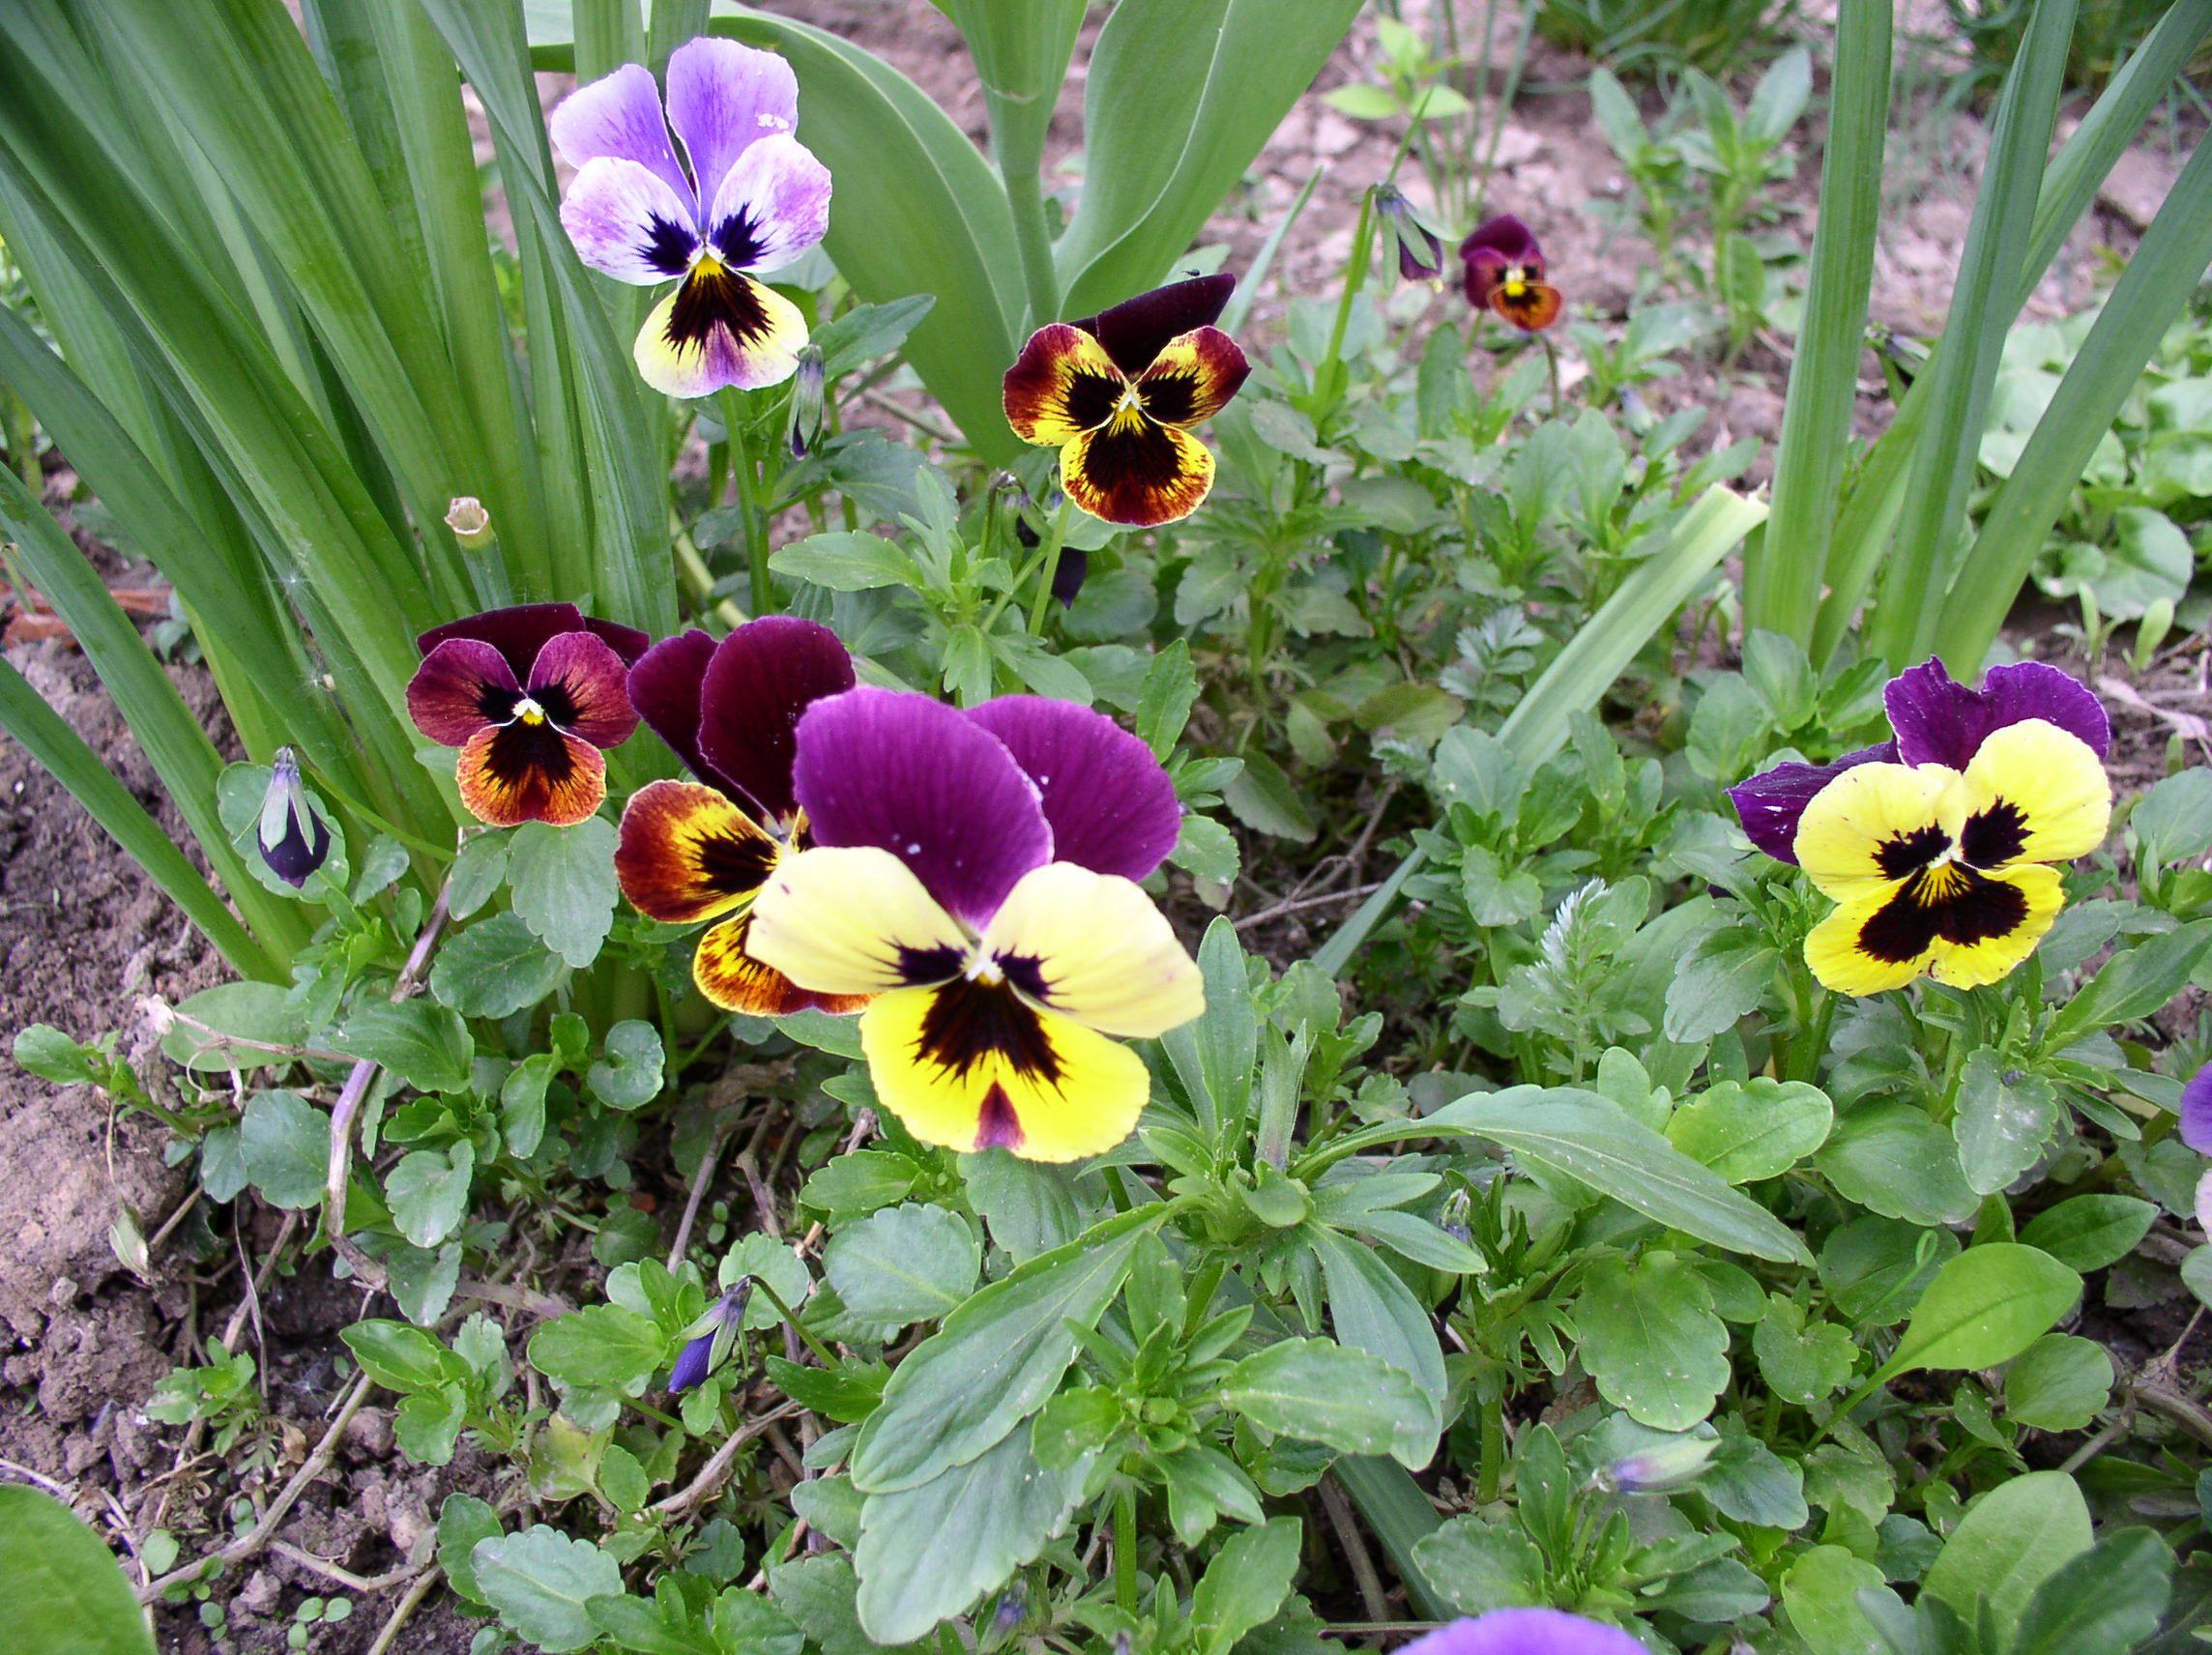 Amores perfeitos em um jardim exibindo folhagem flores e botµes Fotografia Hanna